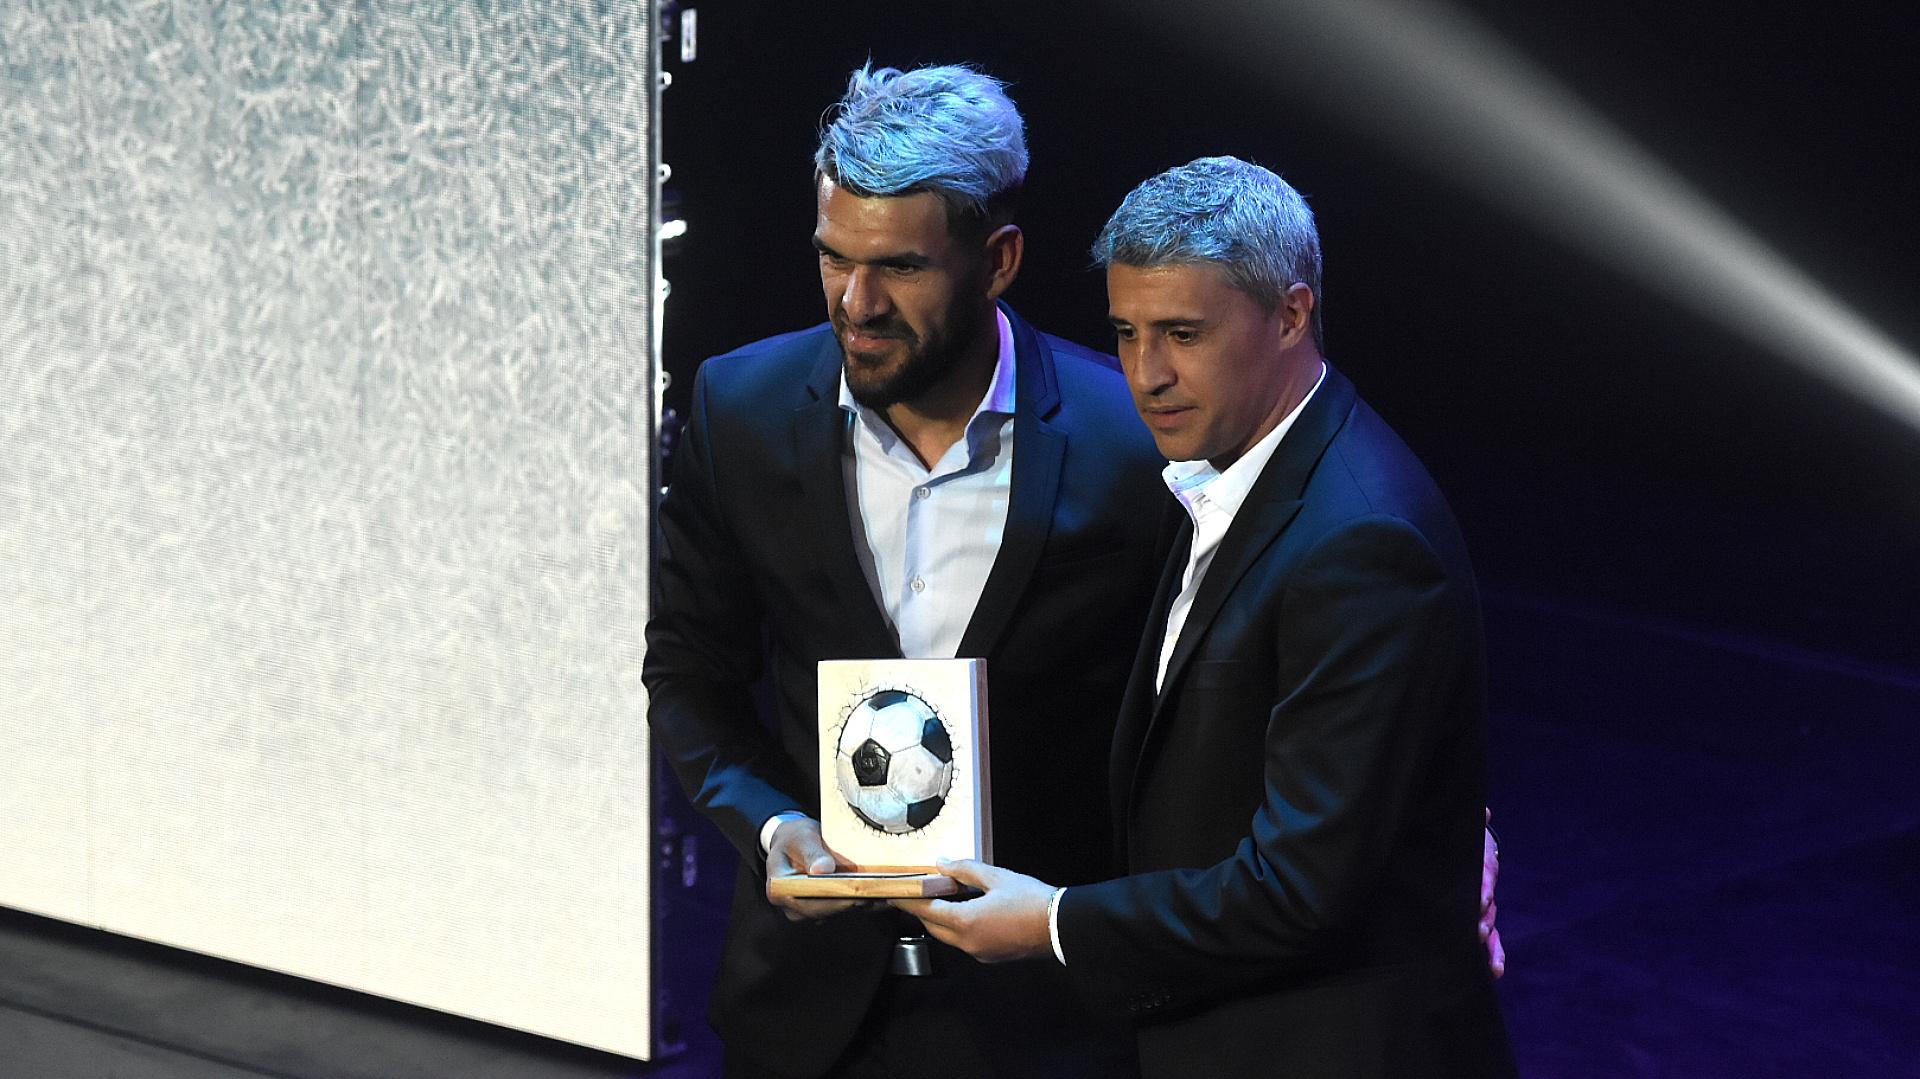 Javier Toledo, delantero de Atlético Tucumán, recibió el galardón al goleador de la Copa de la Superliga de parte de Hernán Crespo, DT de Banfield